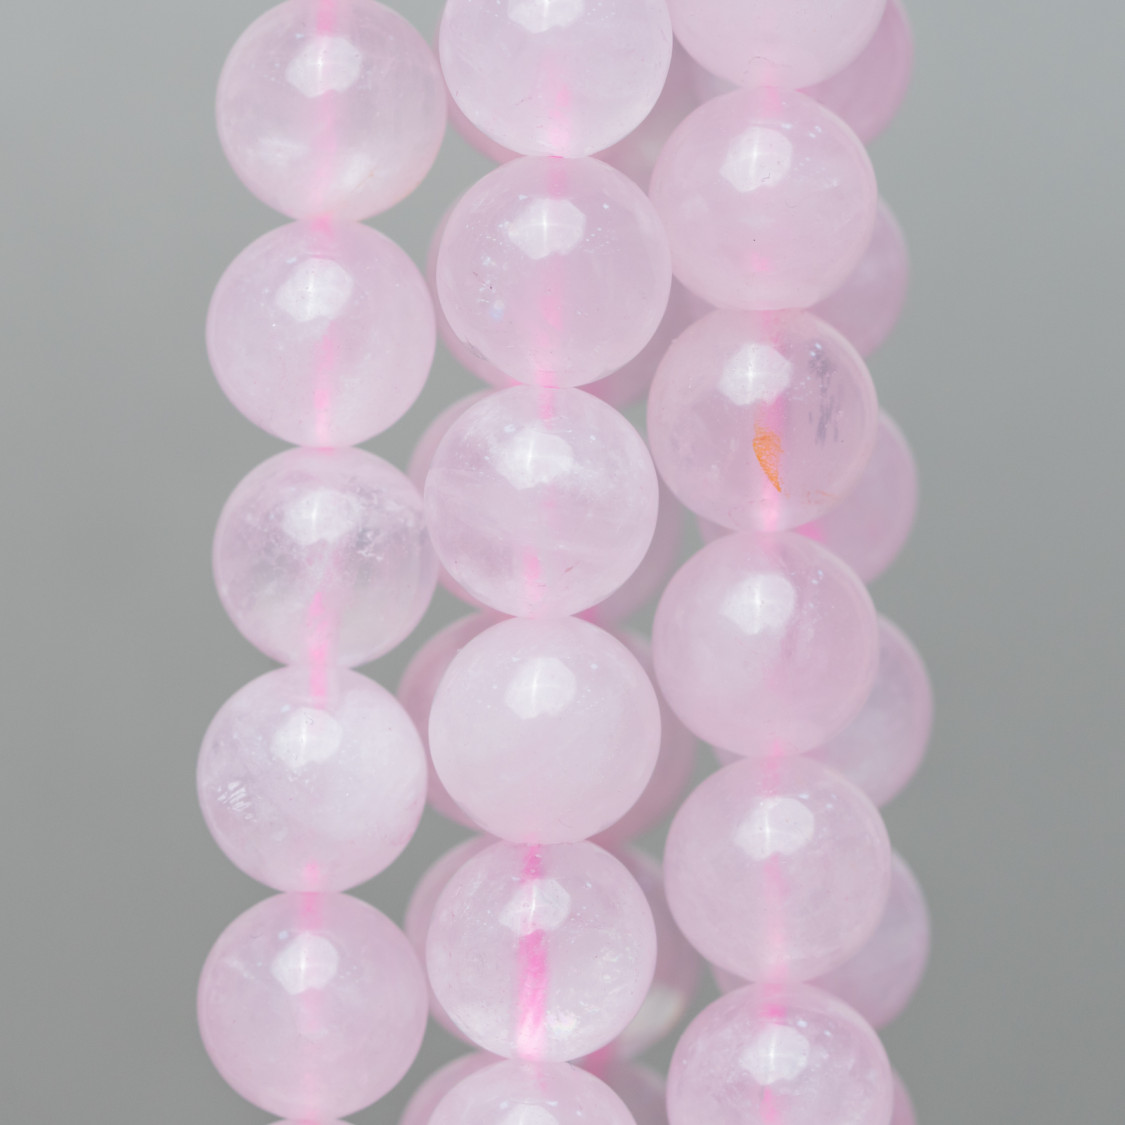 Cabochon Di Cristalli Sfaccettati E Ottone 1 Anellino Rombo 17x26mm 10pz Trasparente E Dorato